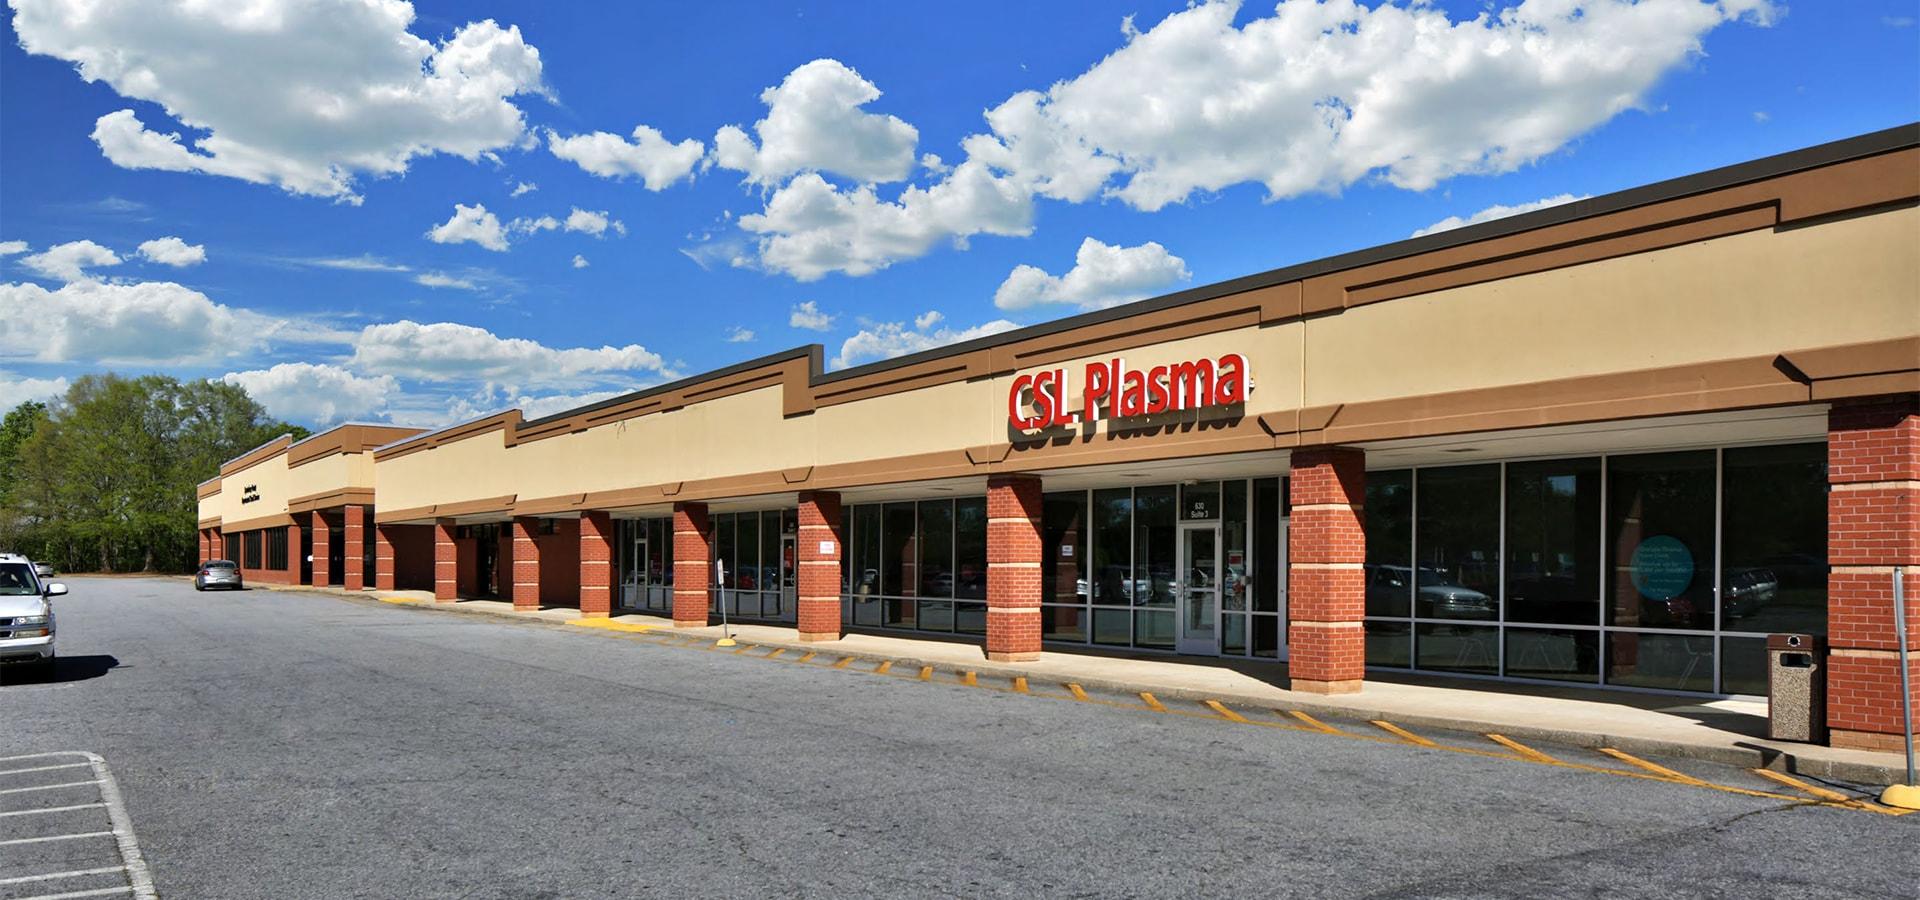 Beaumont Plaza